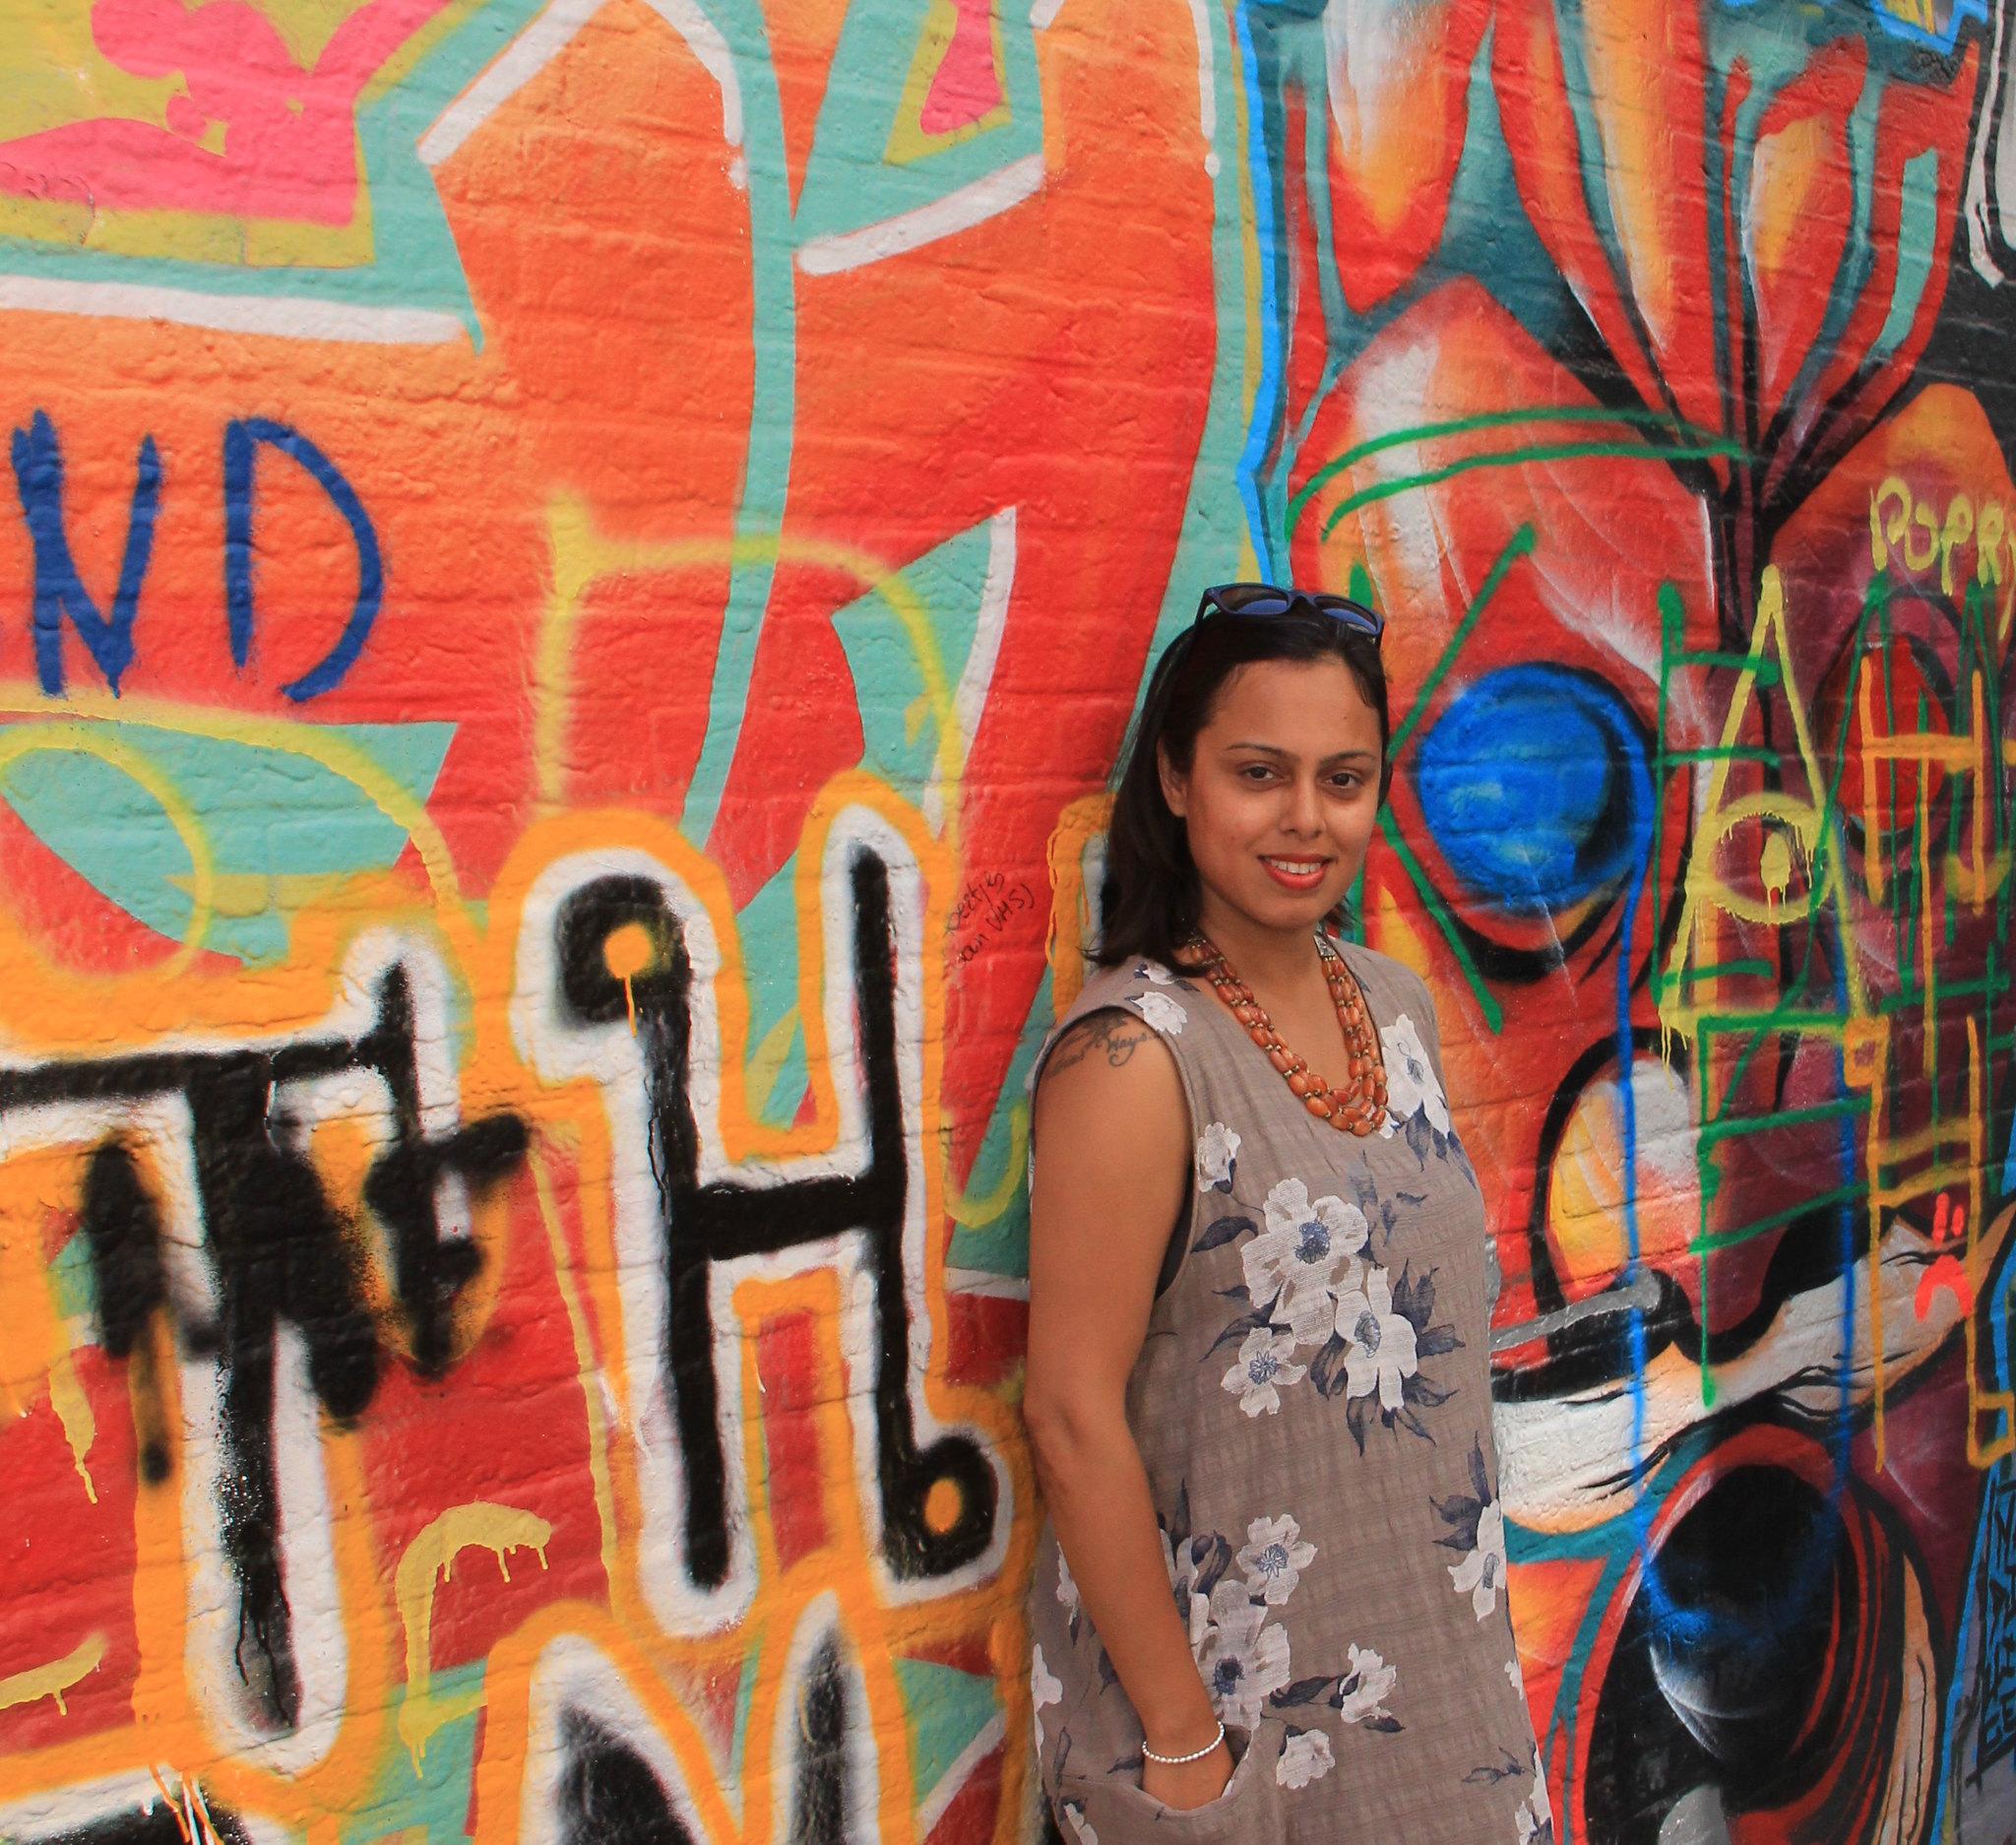 Graffiti Lane in Ghent